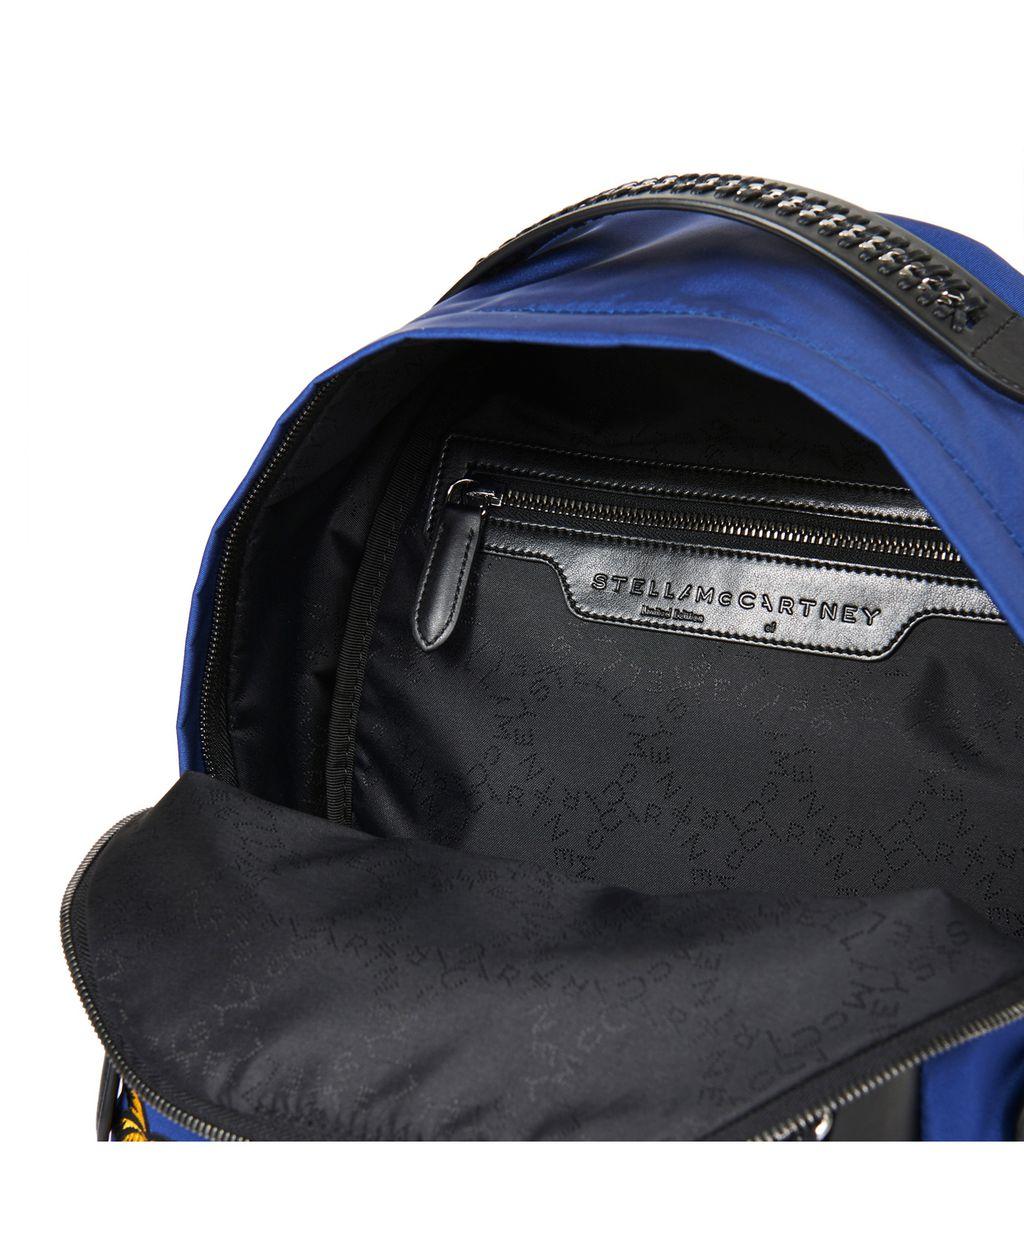 Stella McCartney x Parley Falabella GO Backpack - STELLA MCCARTNEY